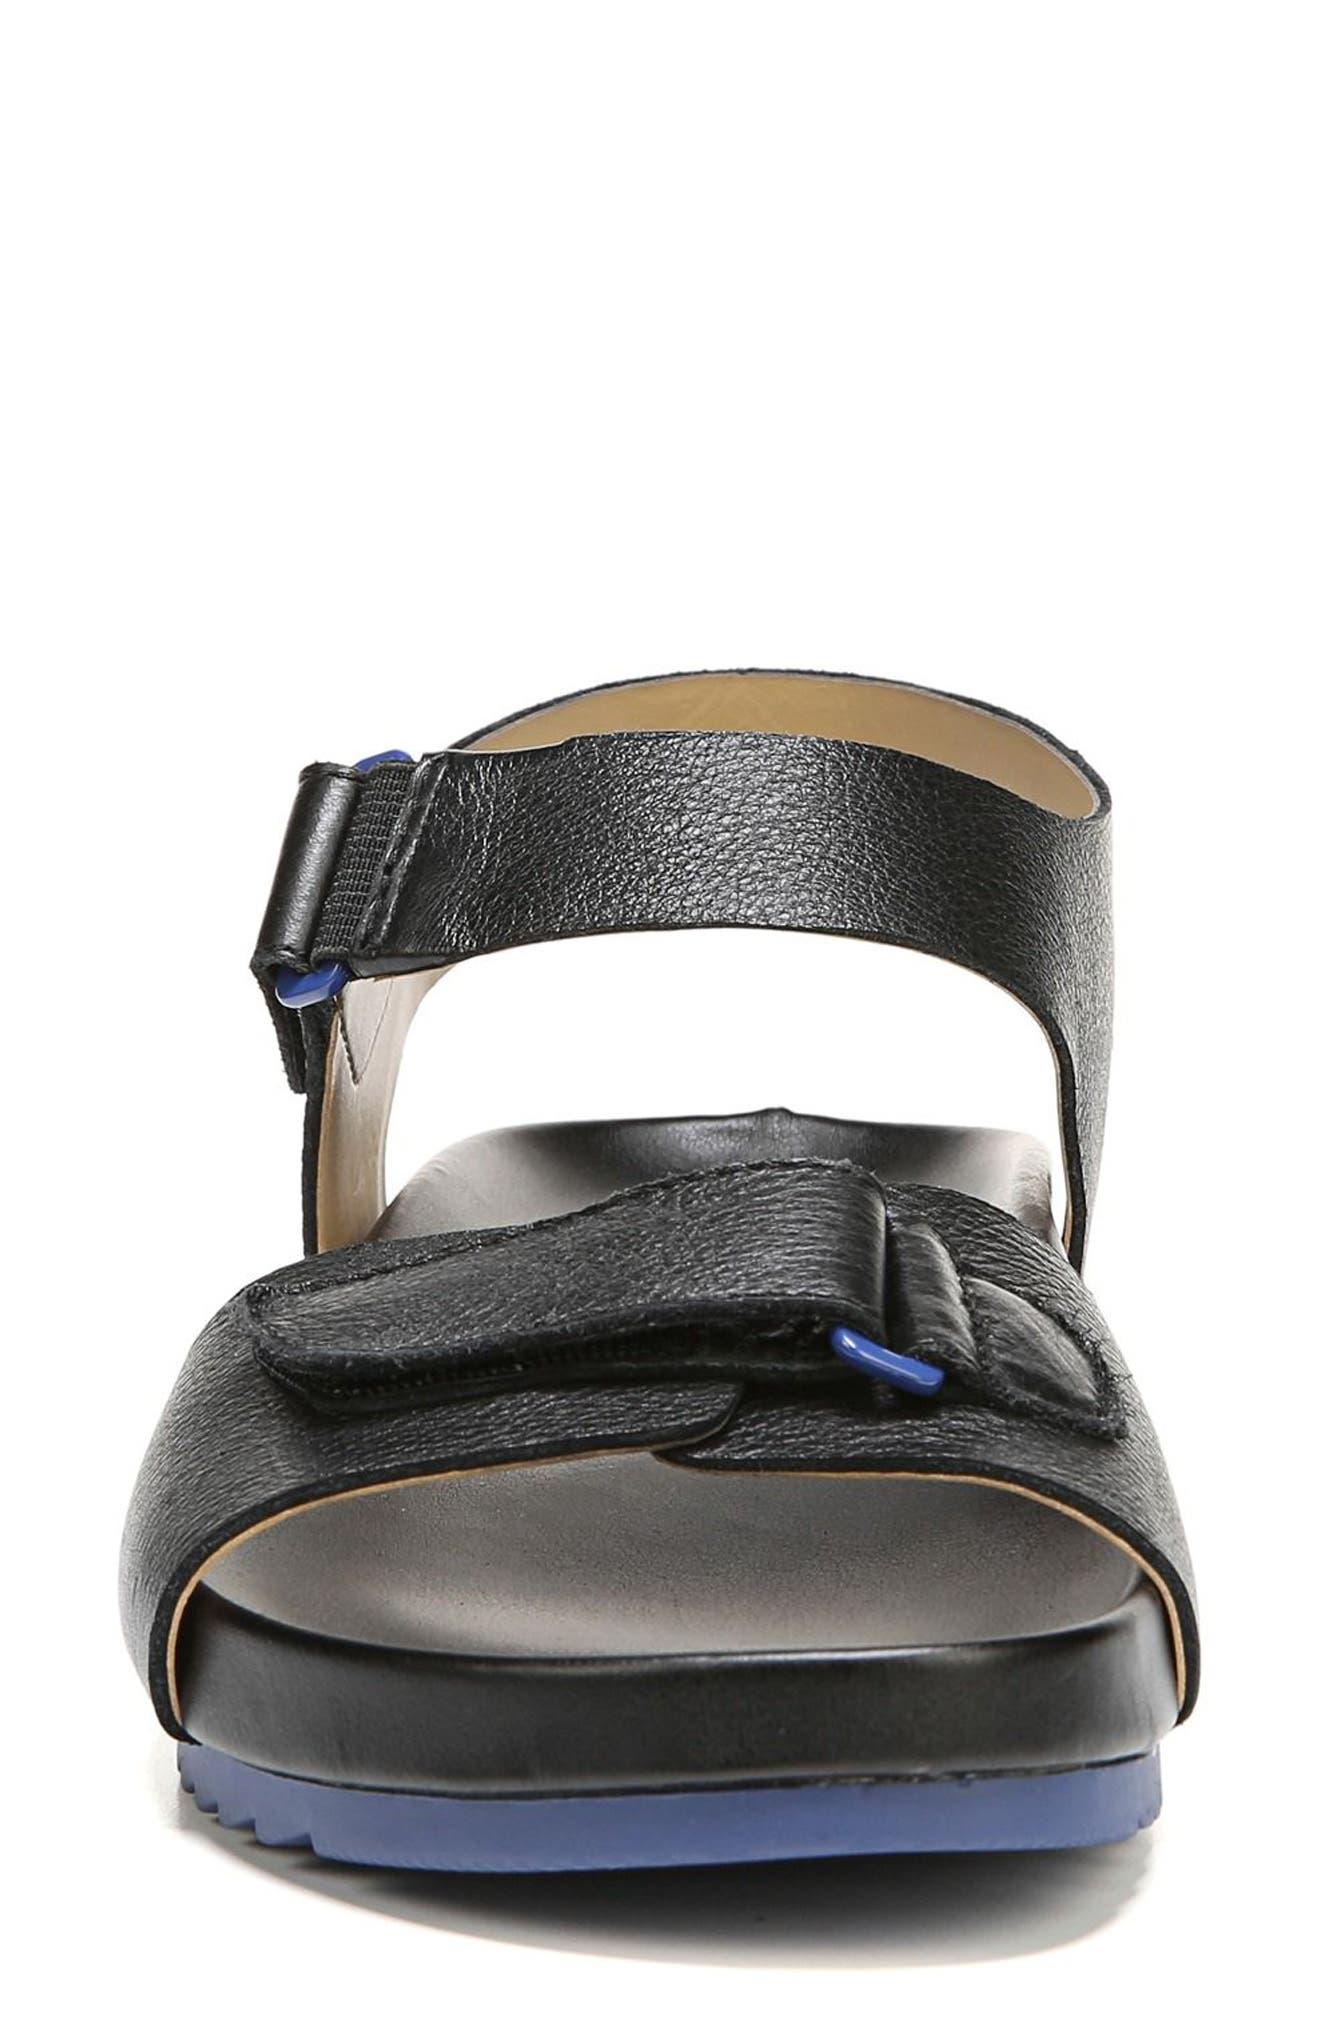 Ari Sandal,                             Alternate thumbnail 4, color,                             Black Pebble Leather